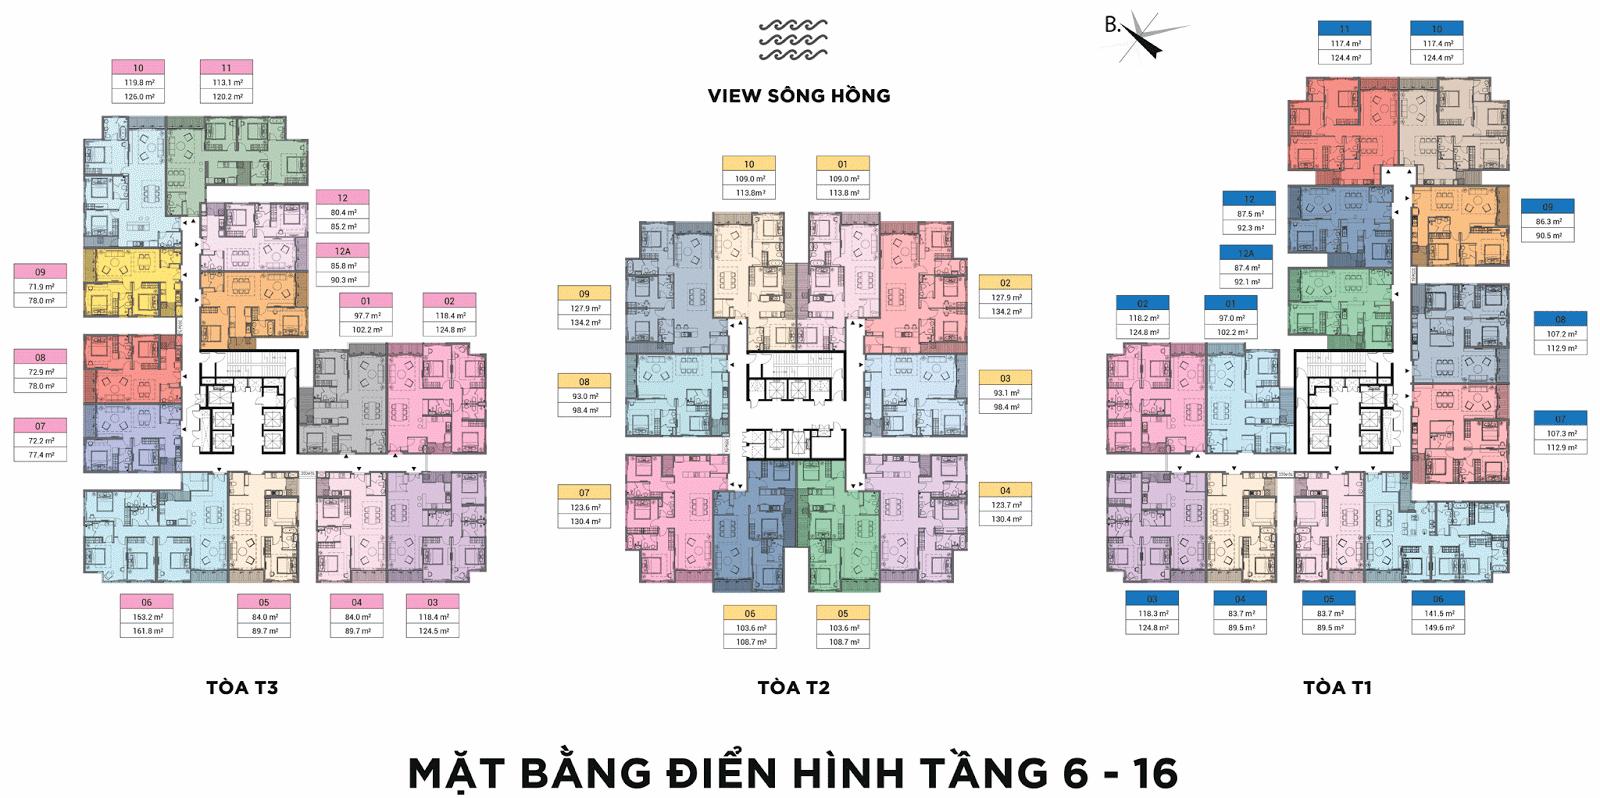 Mặt bằng điển hình tầng 6 đến 16 chung cư Sun Grand City Ancora Residence Lương Yên